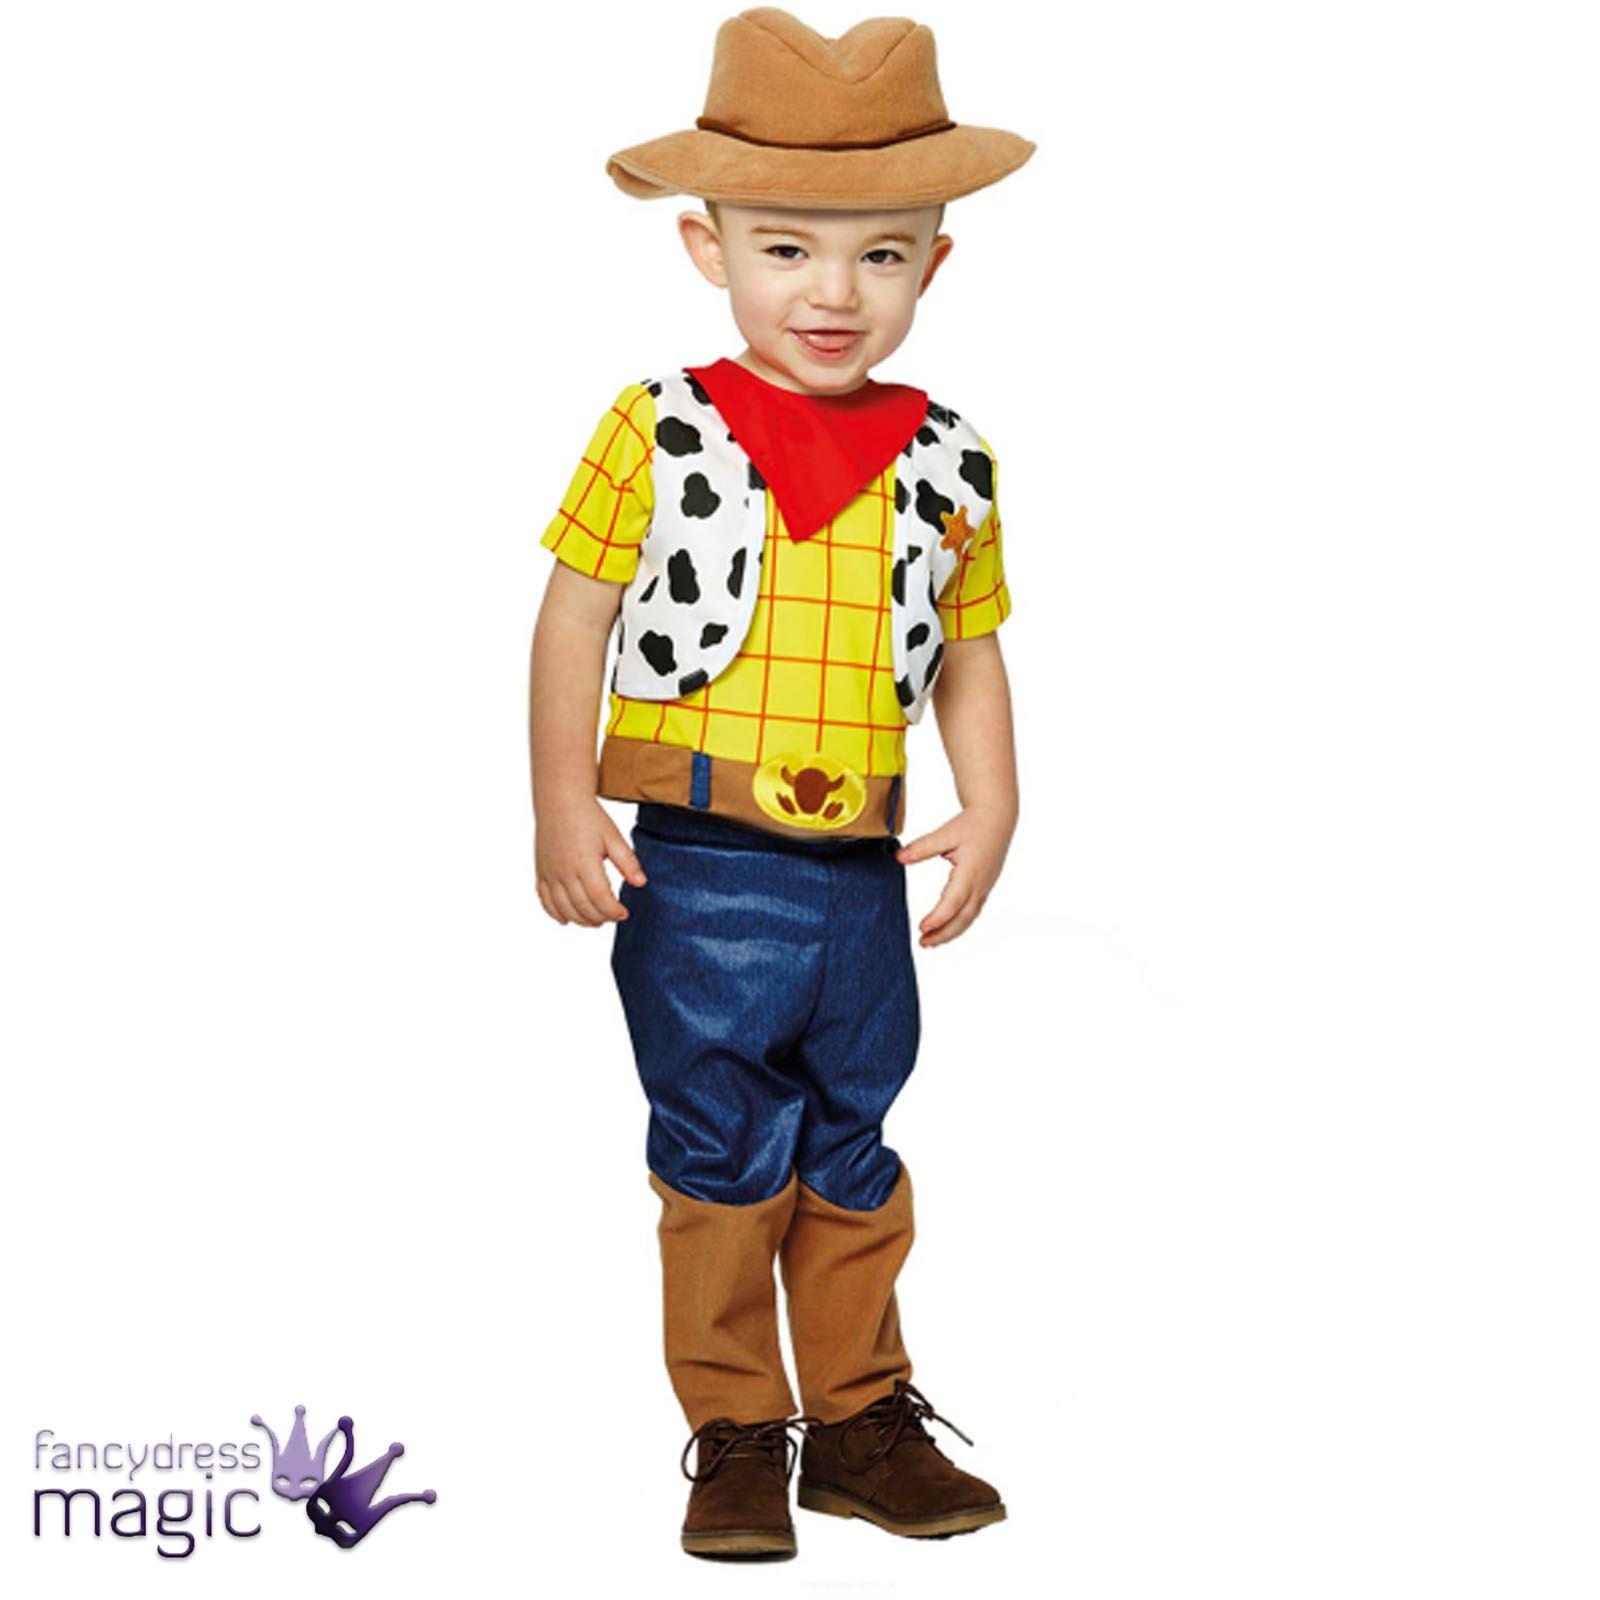 378ee48491349 Niños niño niños niñas Disney juguete historia película libro semana de  Disfraces Disfraces